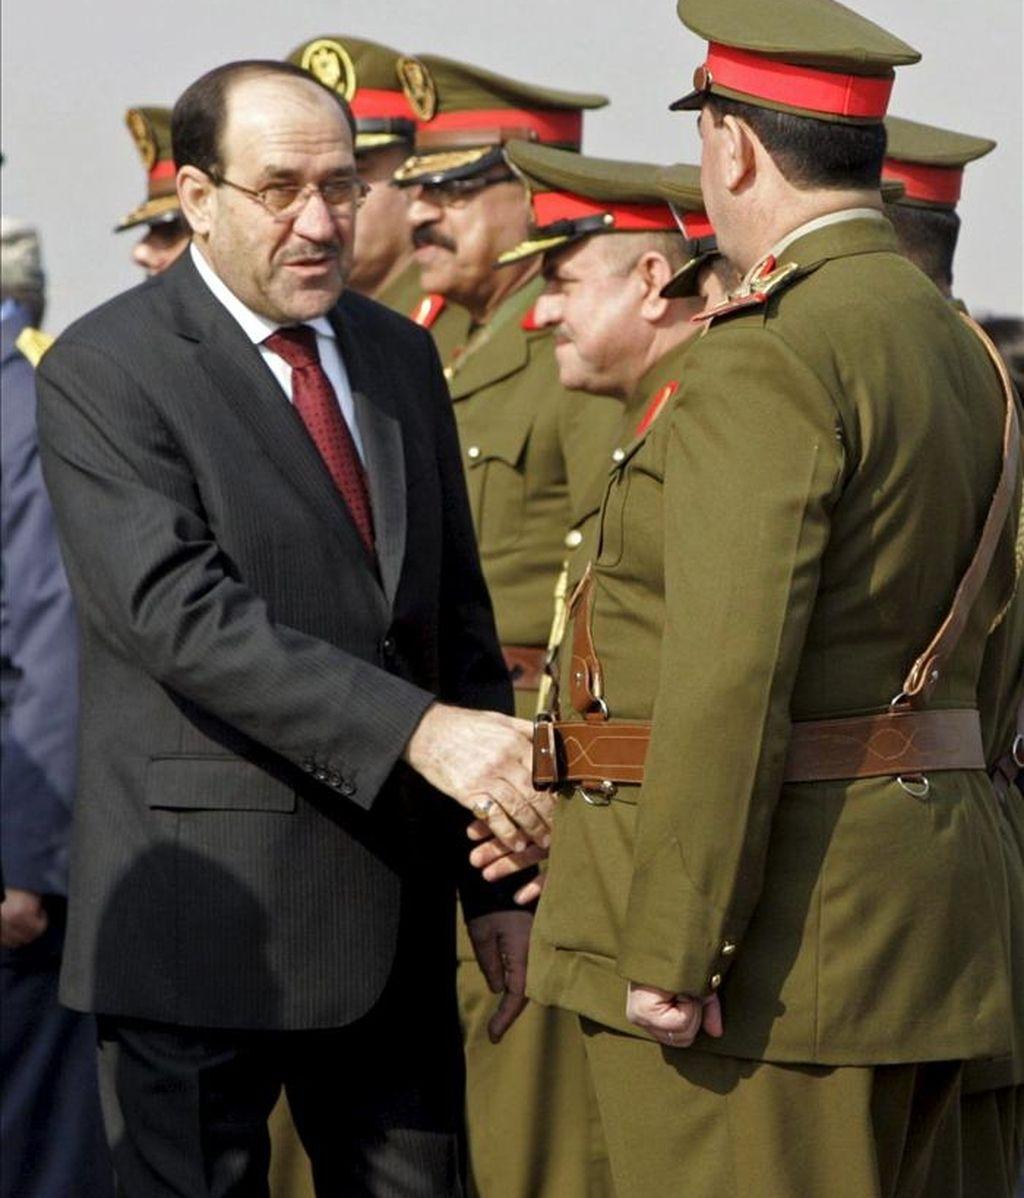 El primer ministro iraquí Nuri al-maliki (i) saluda a la plana mayor militar. EFE/Archivo